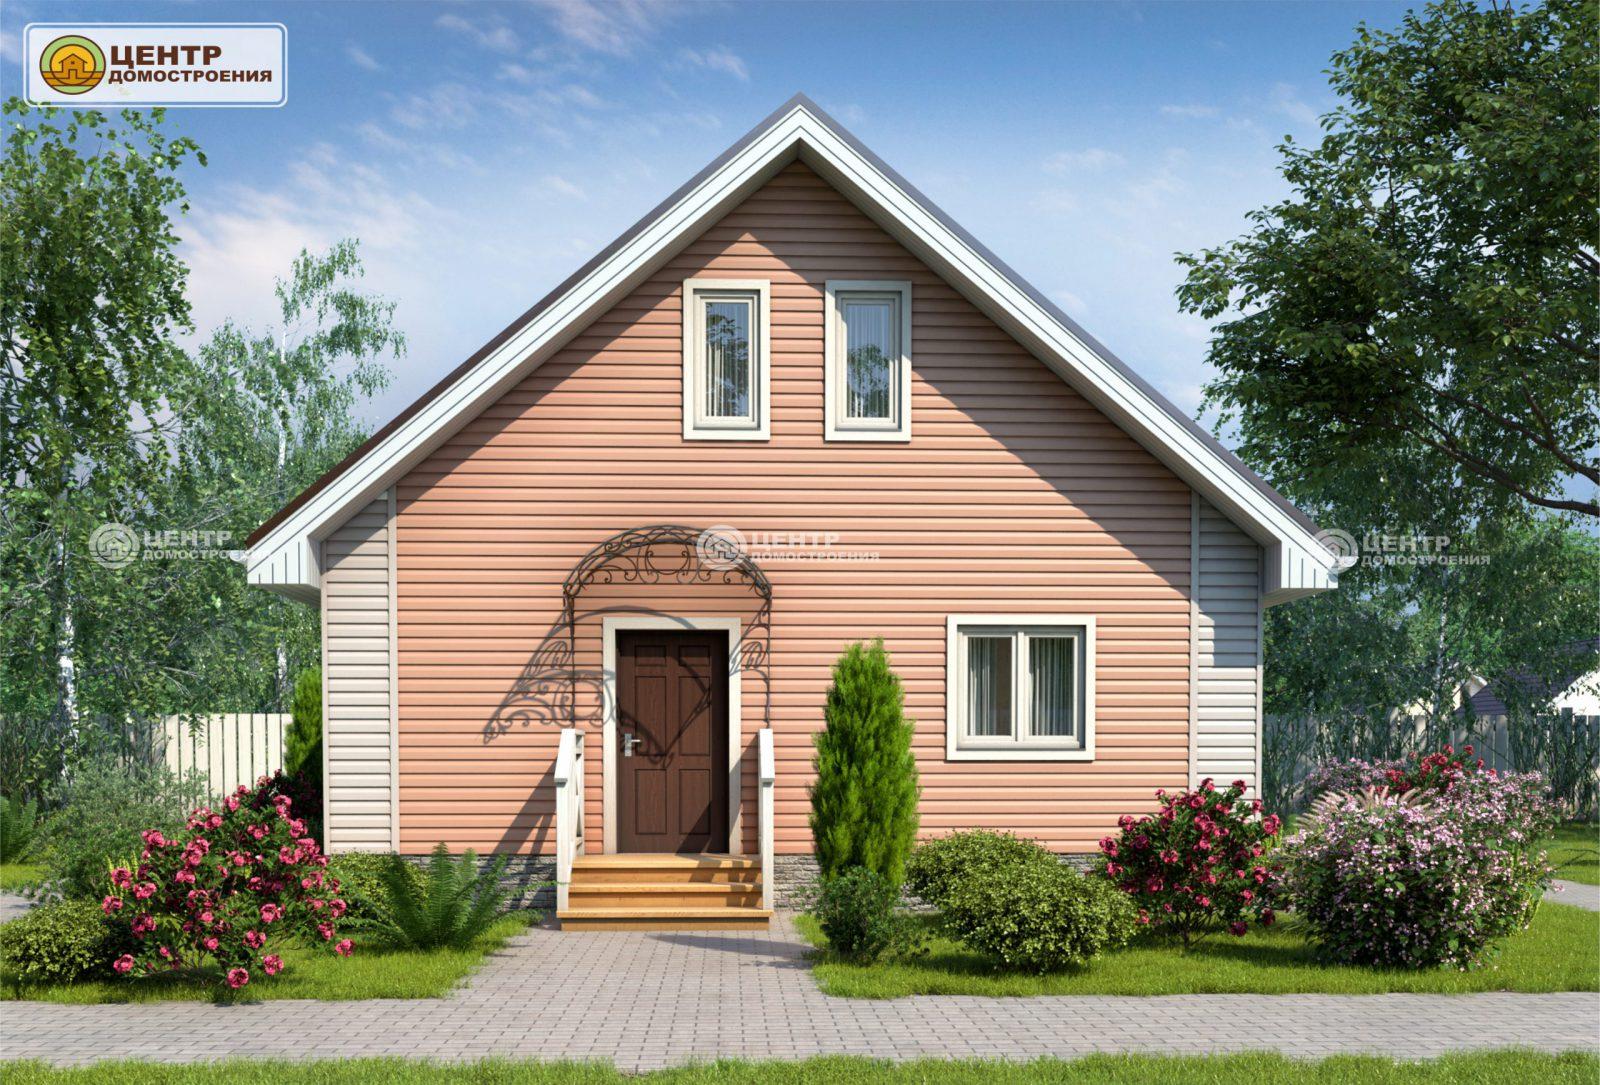 Проект частного дома 8 на 8